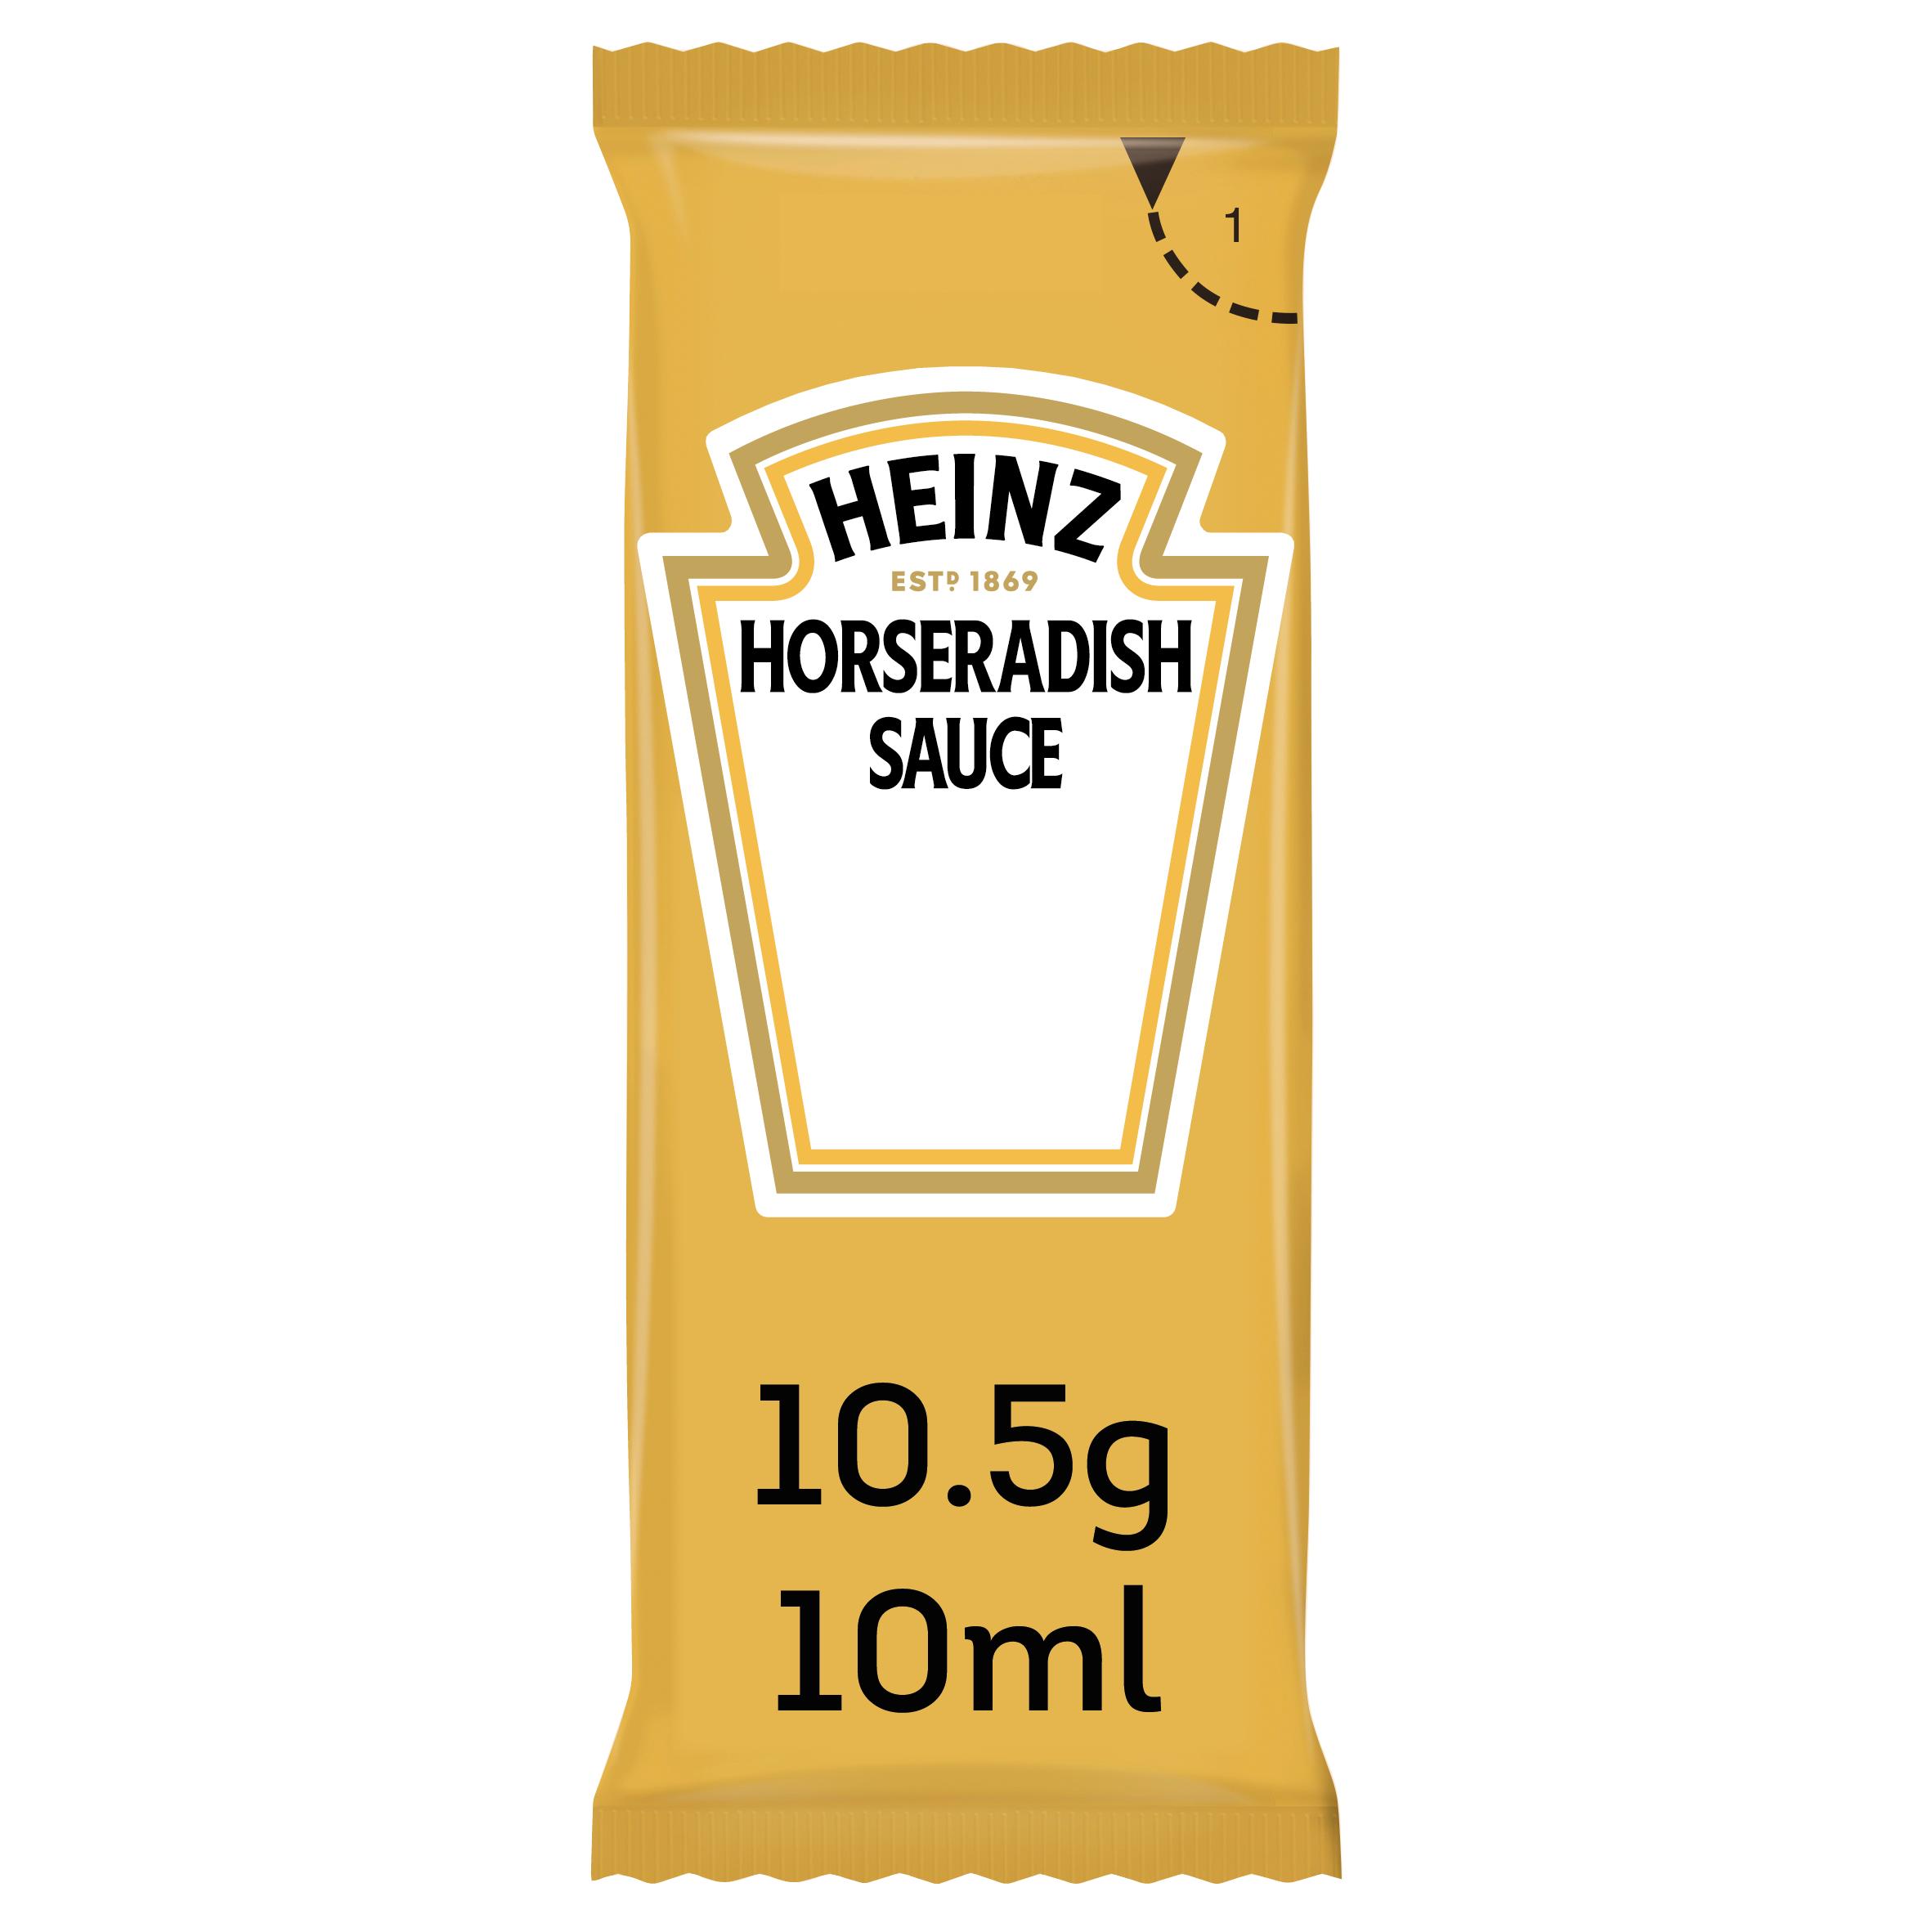 Heinz Horseradish 10ml Sachet image